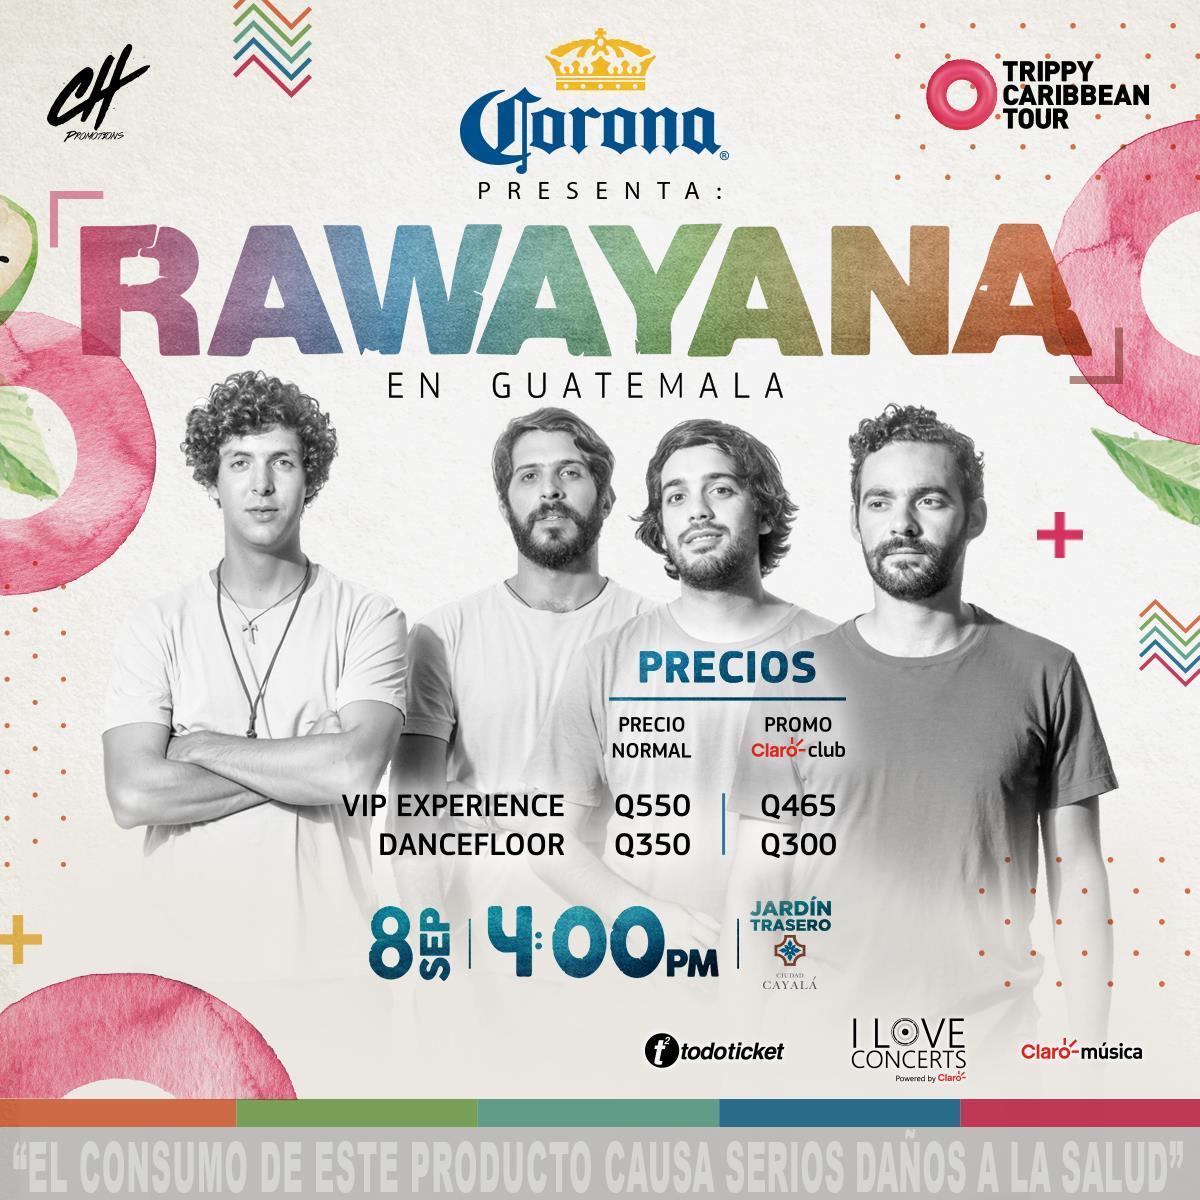 RAWAYANA EN GUATEMALA!